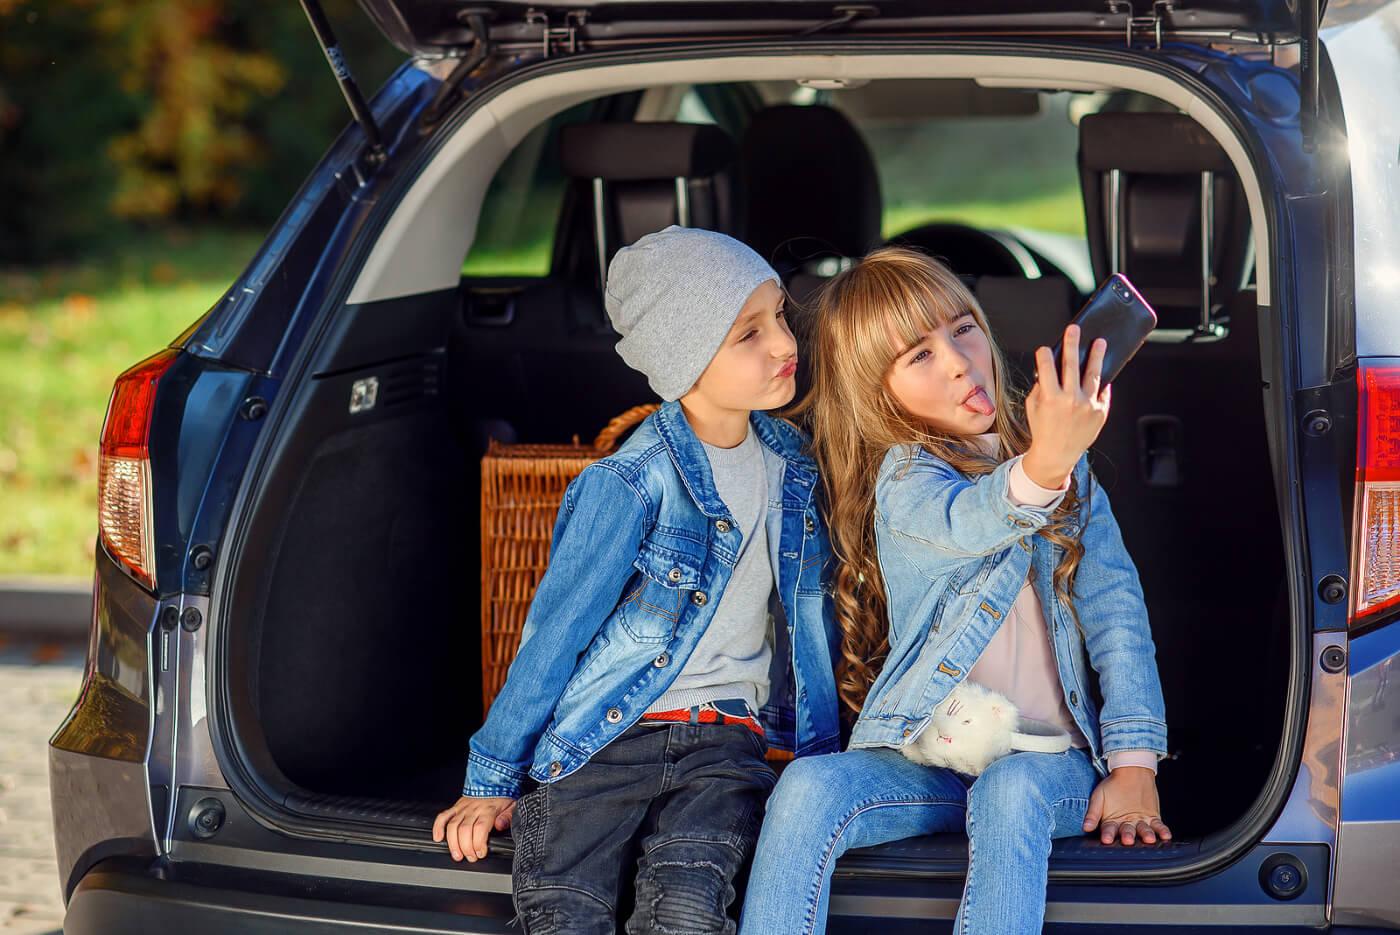 Niños entre los 10 y los 12 años haciéndose un selfie en el coche.